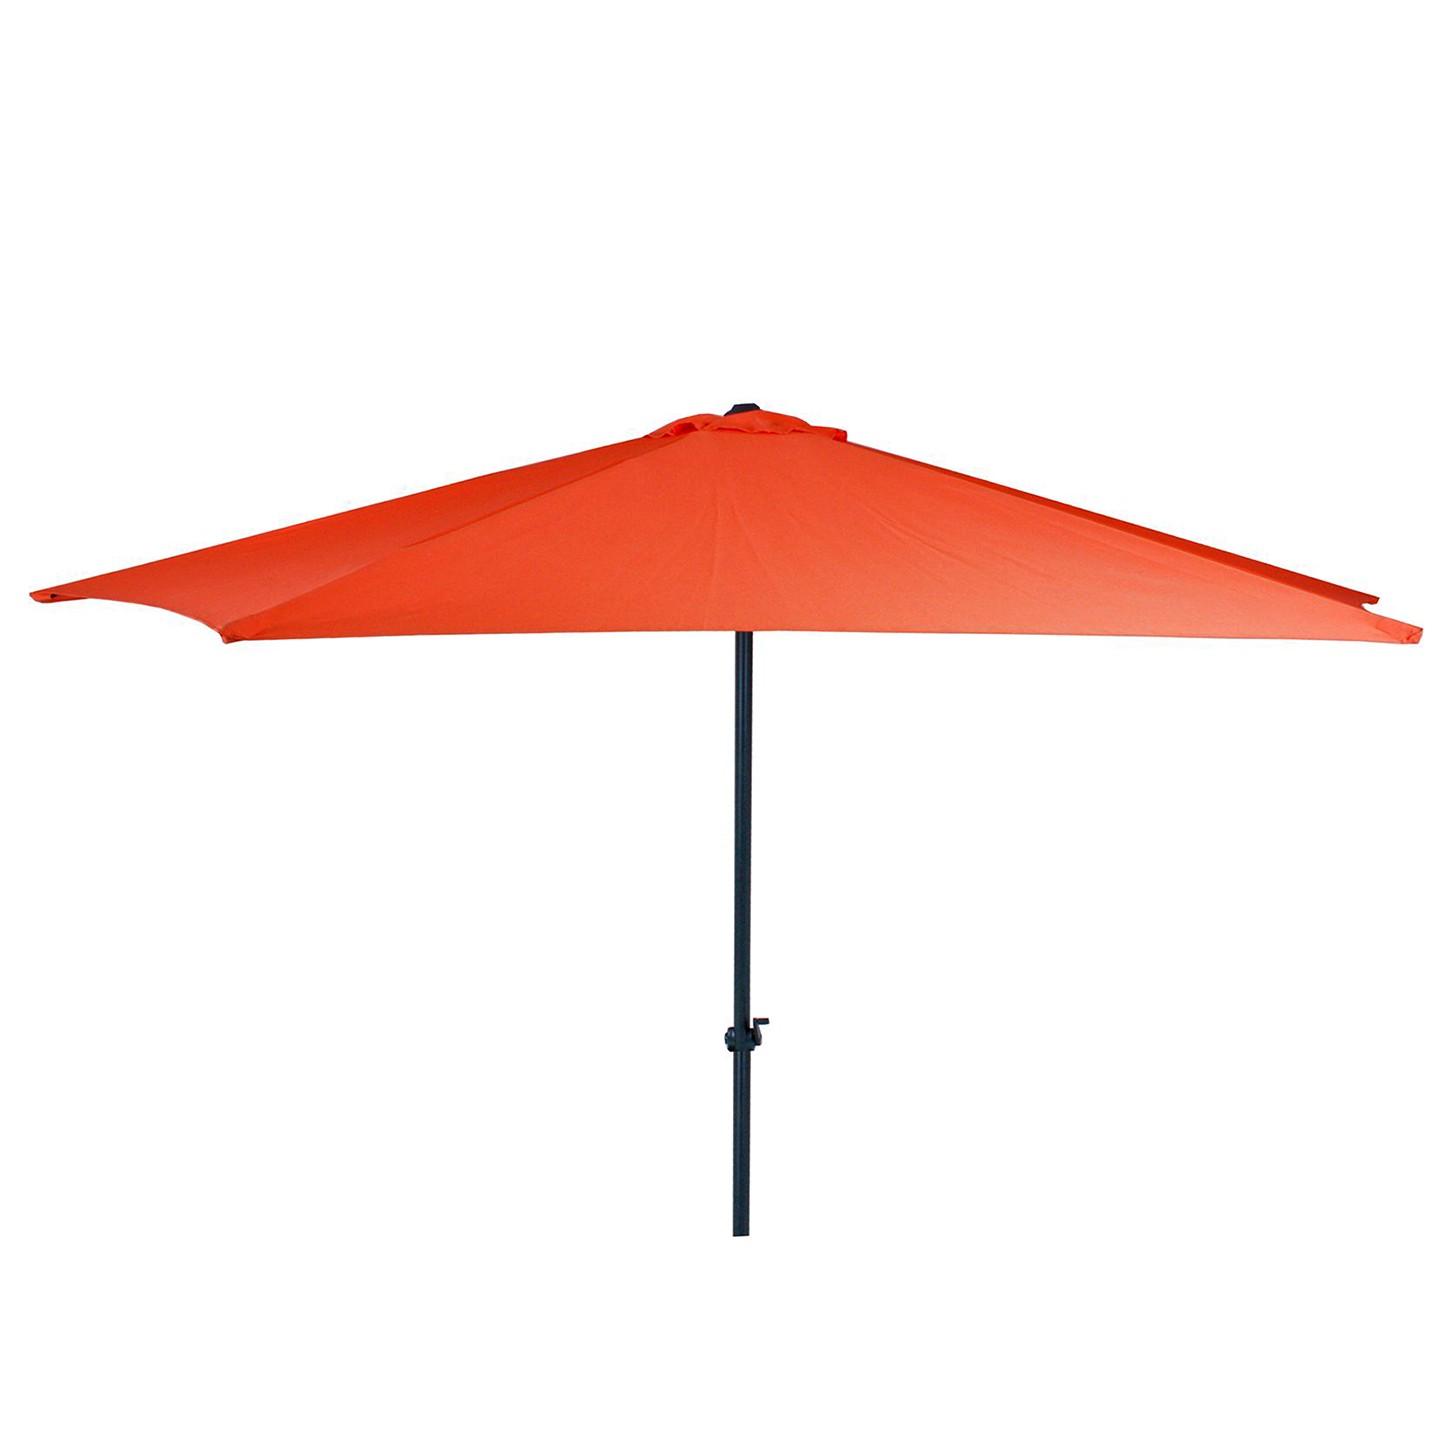 home24 Sonnenschirm Rivadavia | Garten | Orange | Garden Pleasure